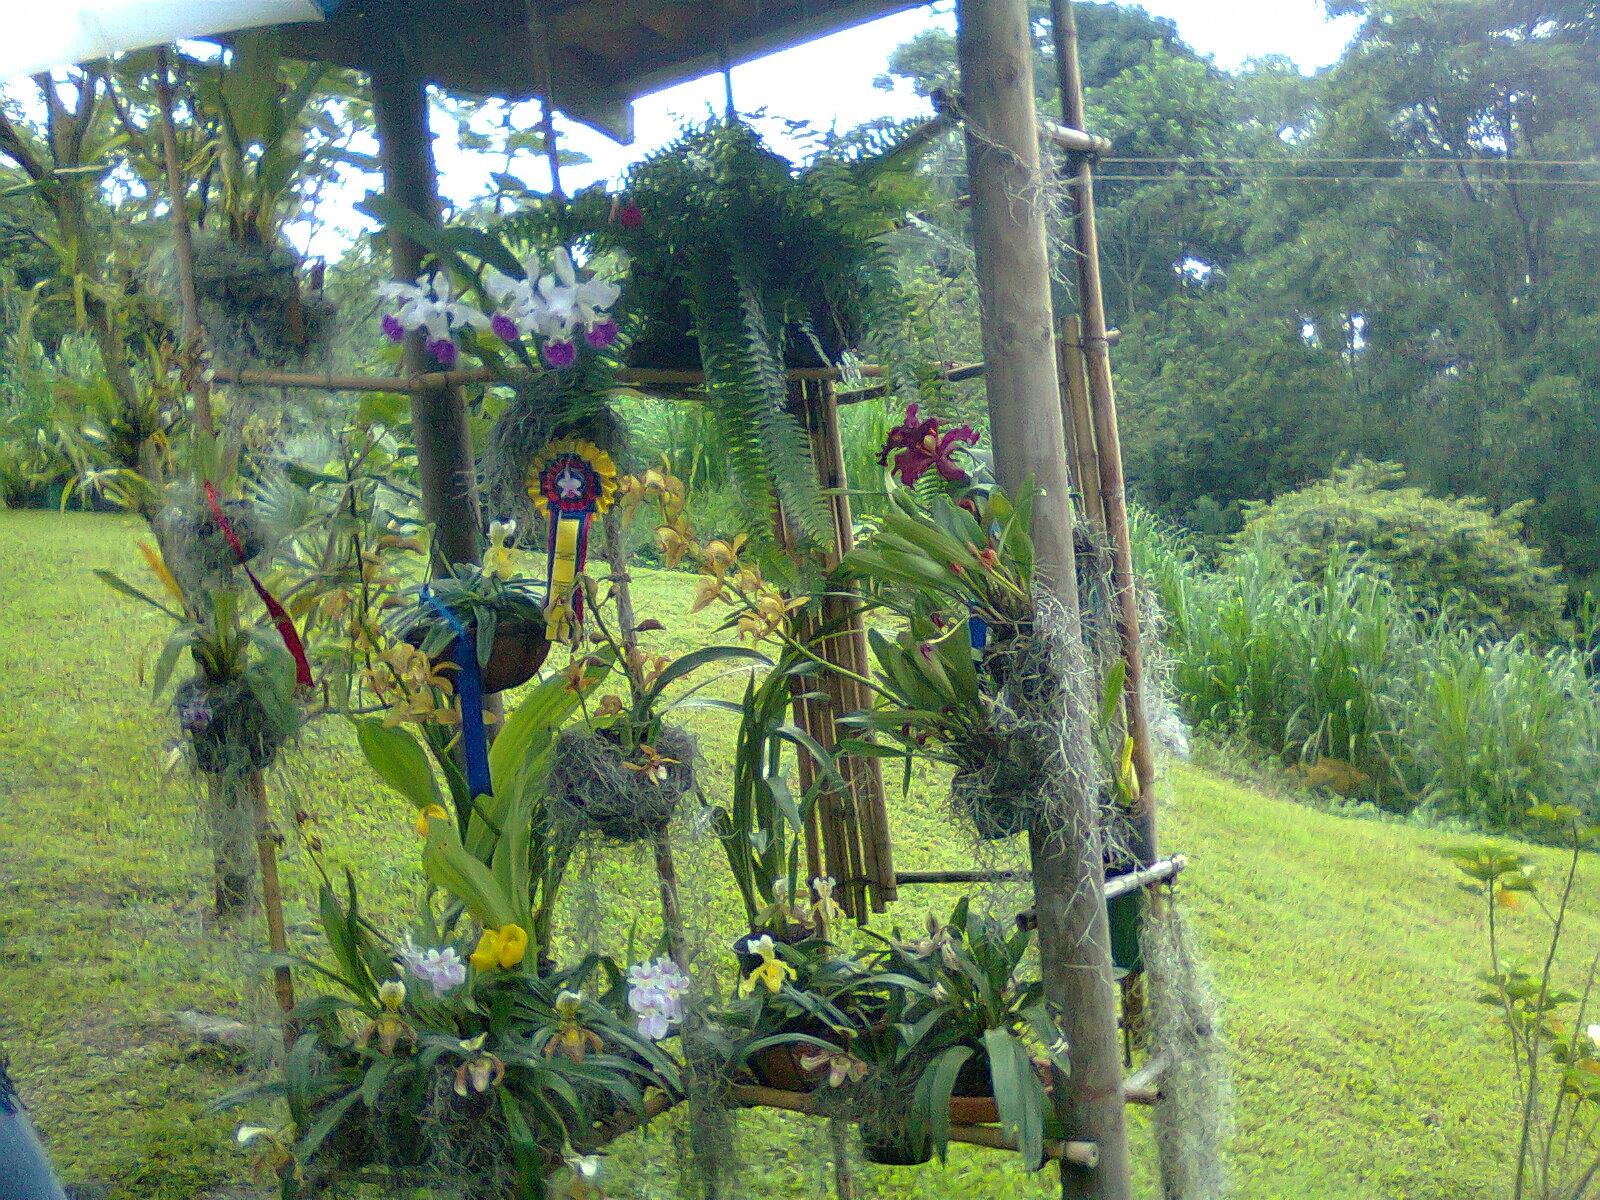 el jardin de c ndida ideas para decorar el jardin. Black Bedroom Furniture Sets. Home Design Ideas